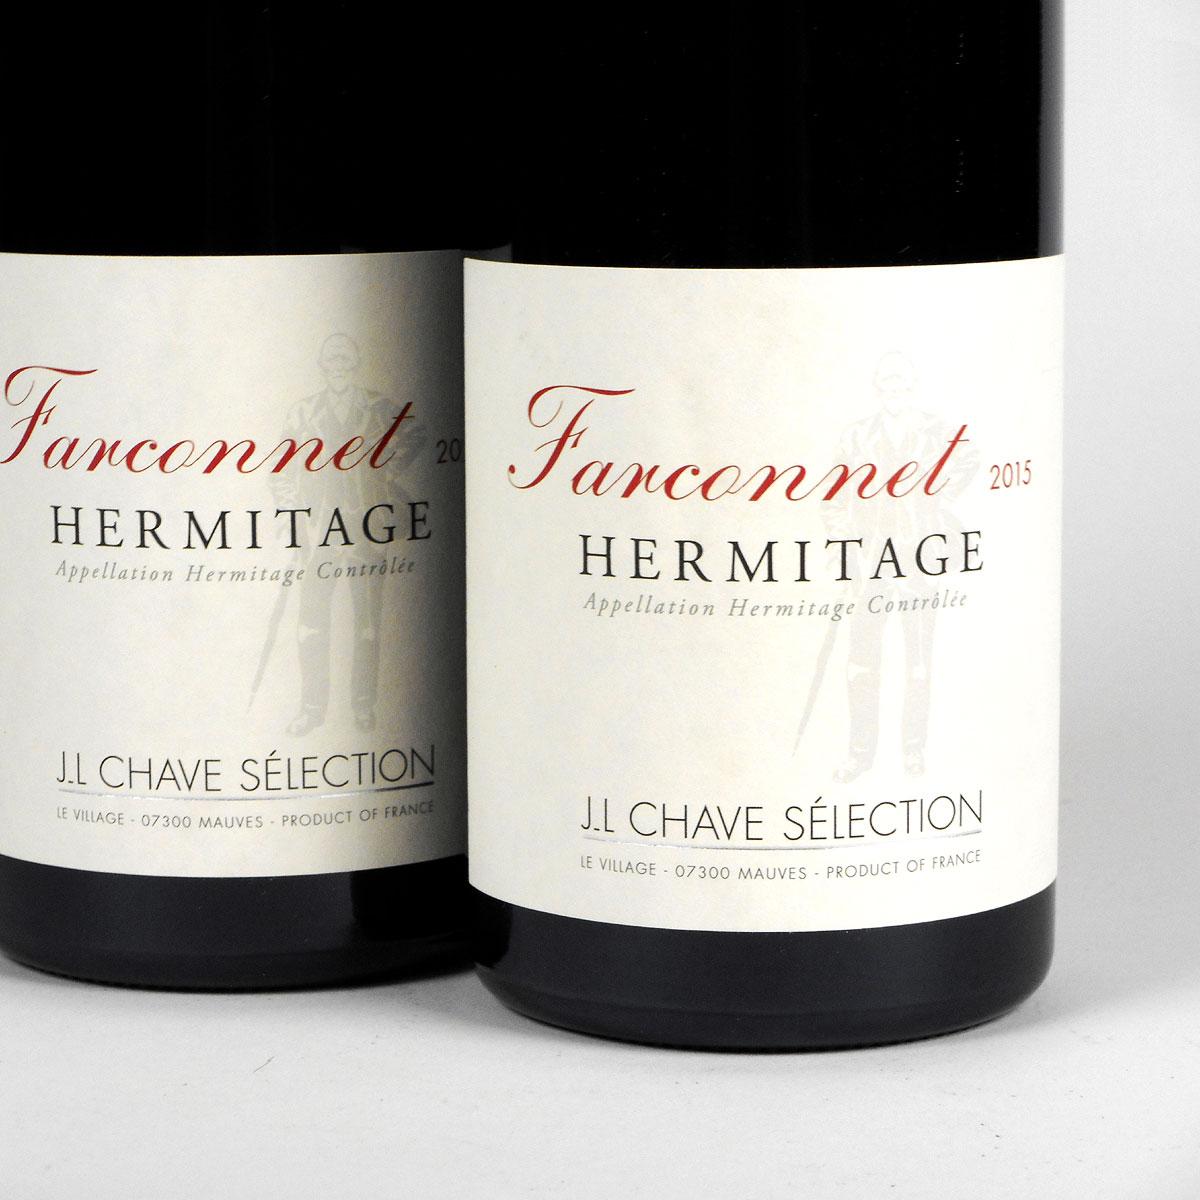 Hermitage: Jean-Louis Chave Sélection 'Farconnet' Rouge 2015